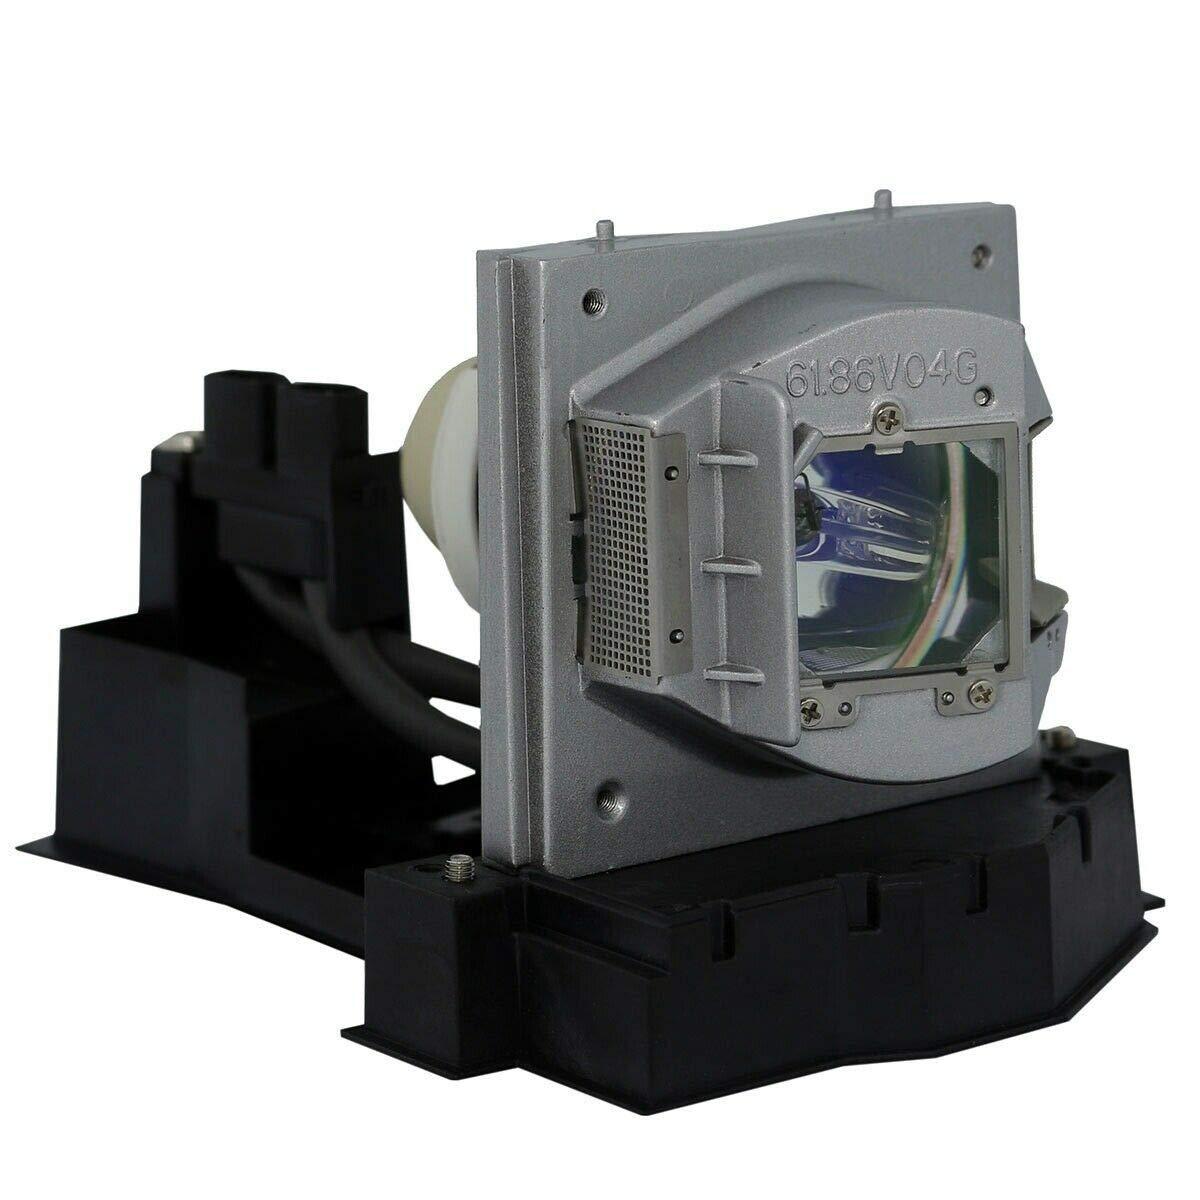 CTLAMP EC.J6200.001 プロフェッショナル 交換用プロジェクターランプ ハウジング付き ACER P5270 / P5280 / P5370Wに対応 B07JYYW51L